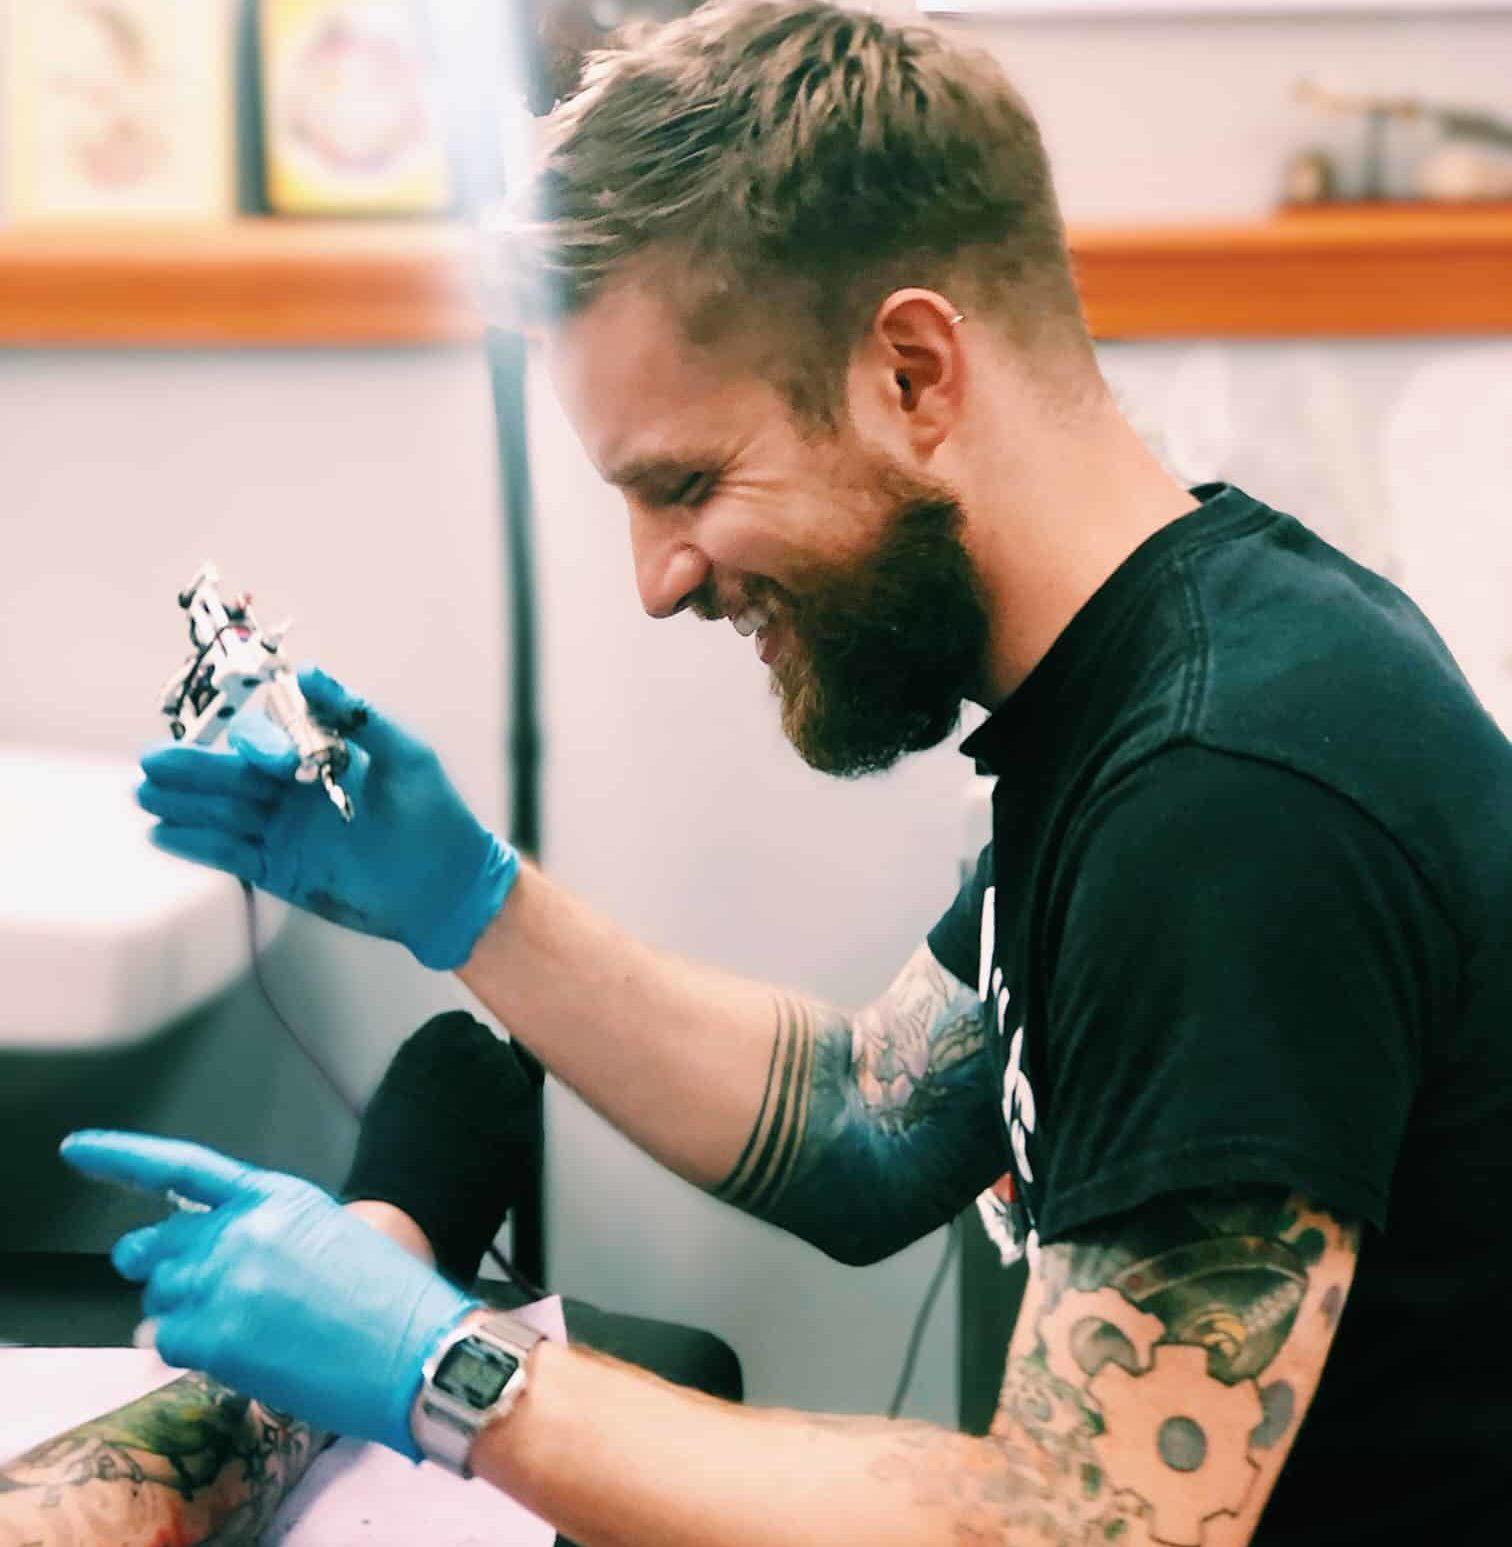 Jordan Epperson Among Memphis Top Tattoo Artists Choose901